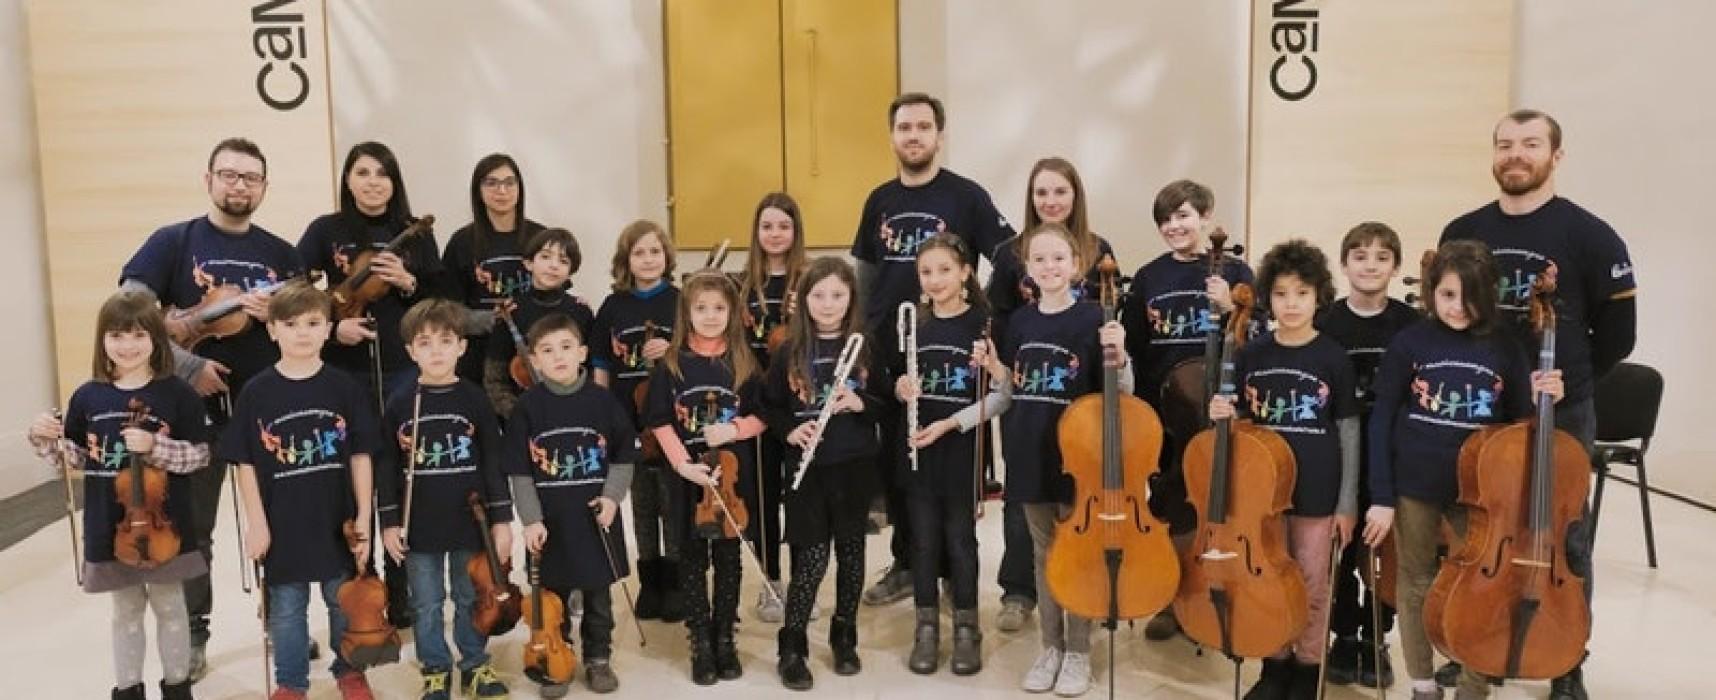 Una raccolta fondi per sostenere L'orchestra MUSICASEMPRE di Arezzo